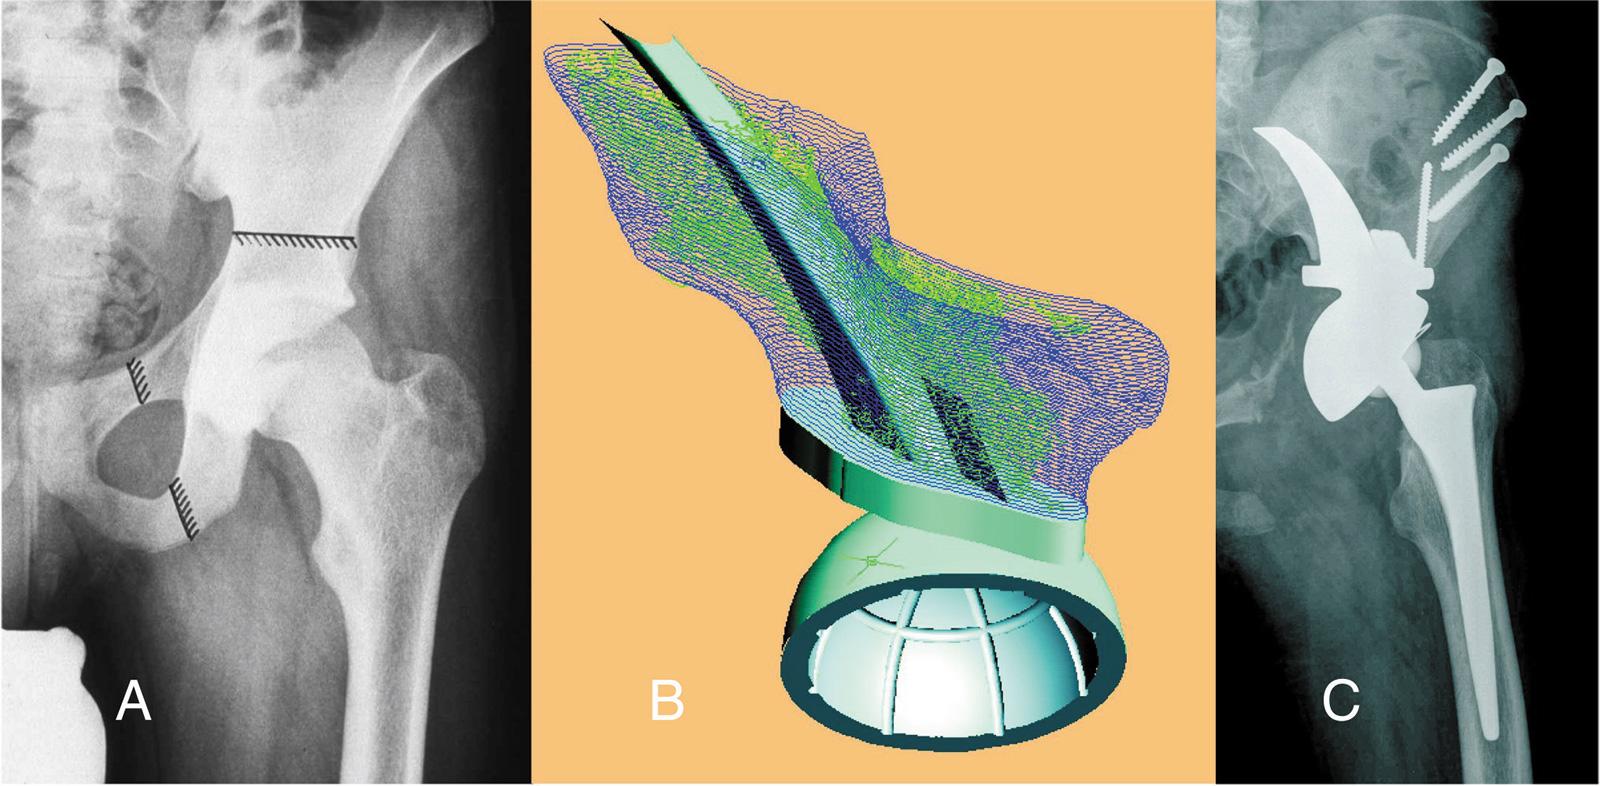 Abb. 8-23: Defektrekonstruktion mit einem Beckenteilersatz (A-C) (Mit freundlicher Genehmigung der Firma Implantcast)